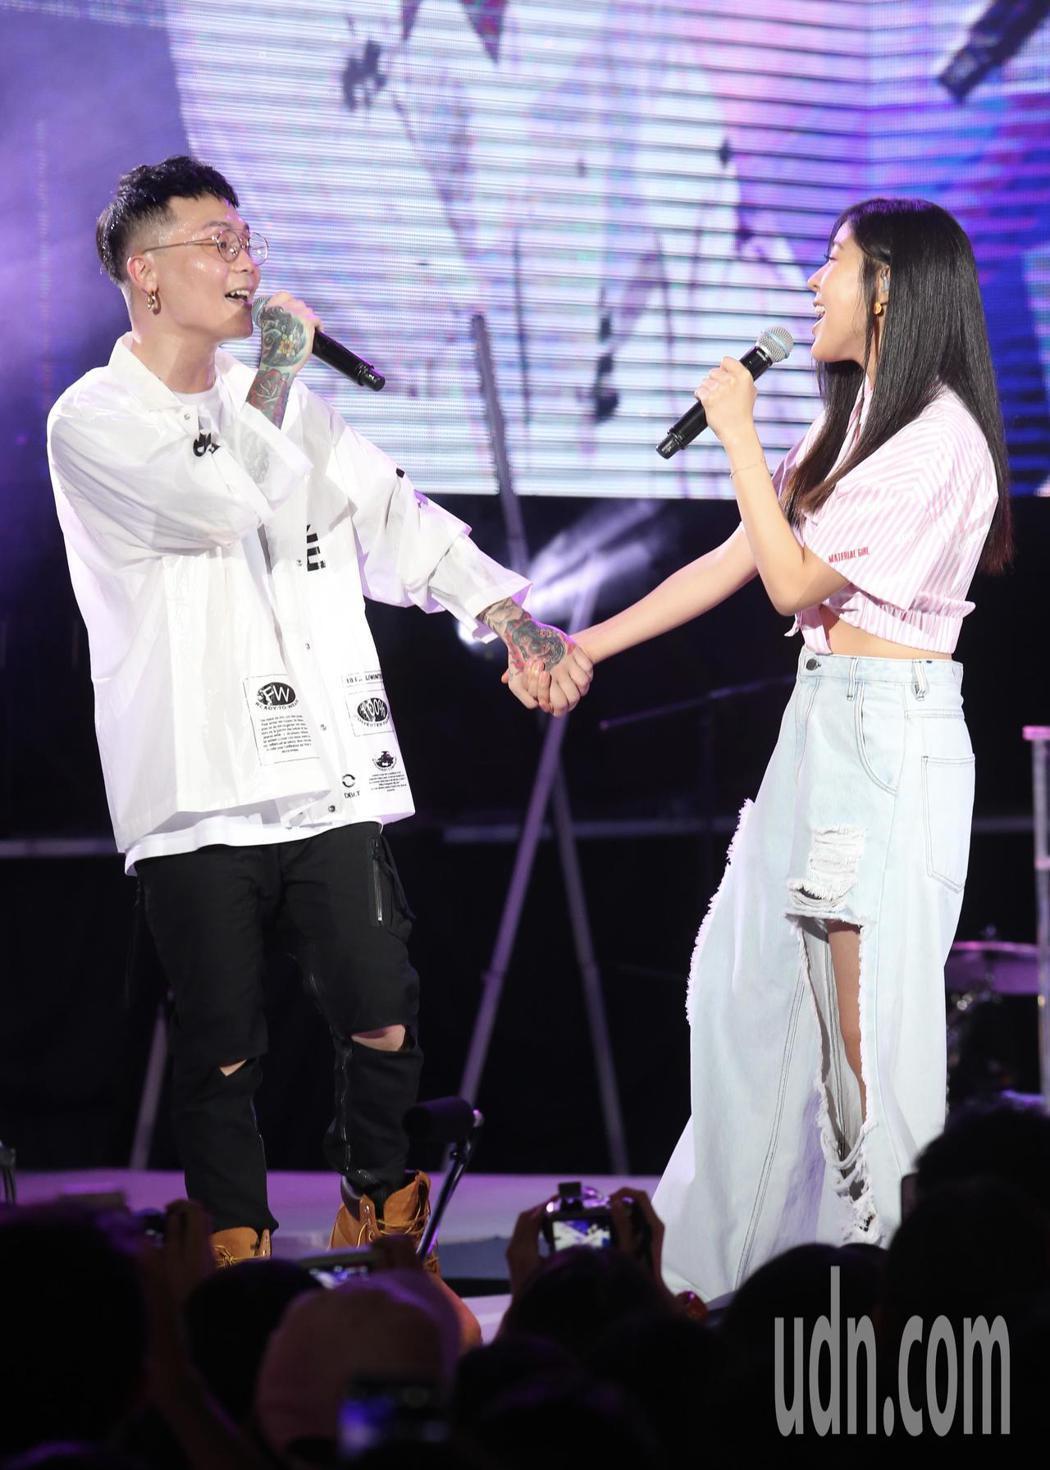 歌手蕭秉治(左)舉辦新歌演唱會,並與神秘嘉賓Erika( 右)合唱「天使見證的愛